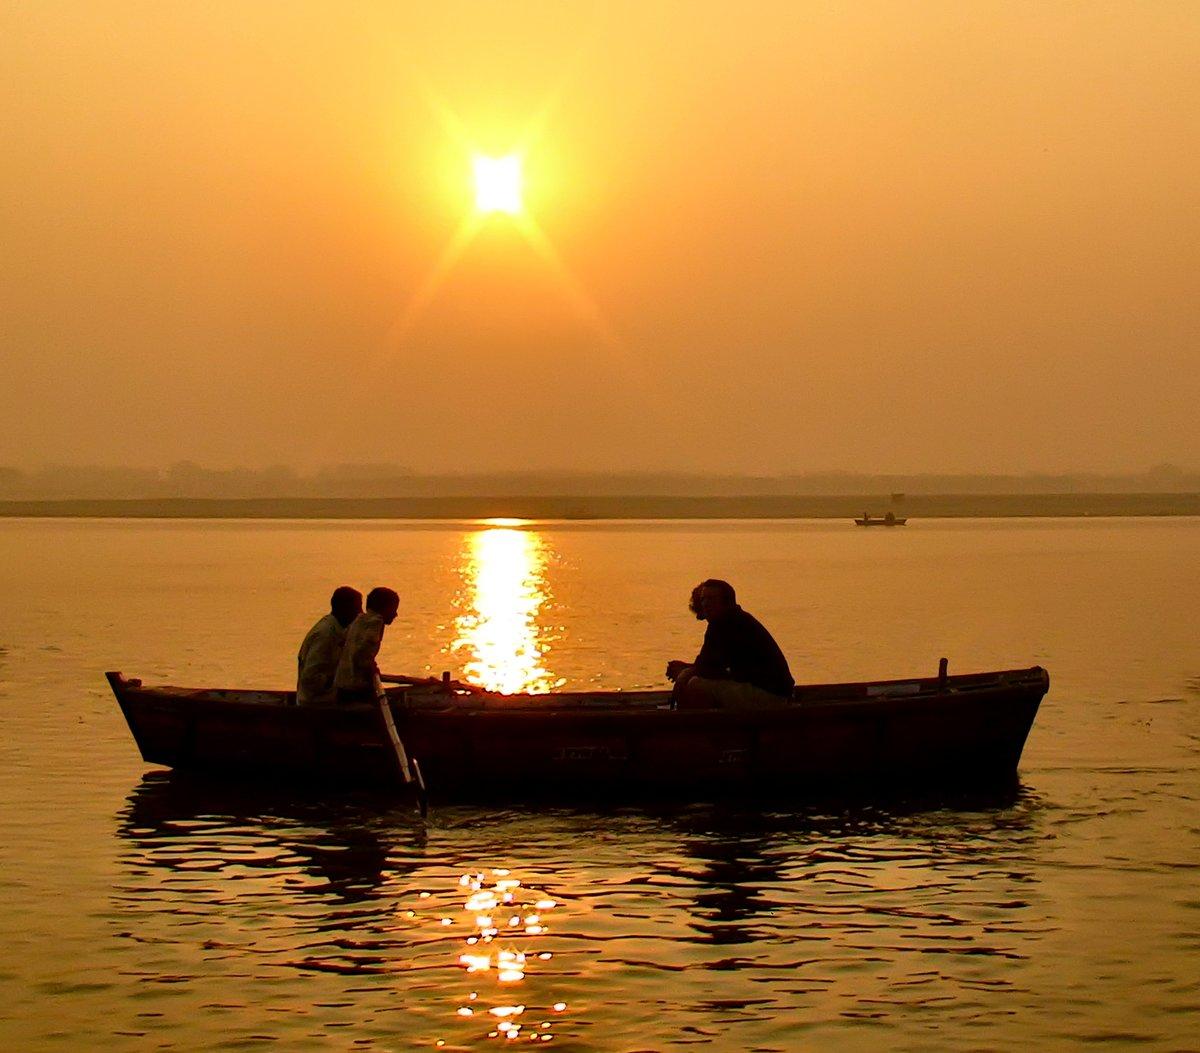 картинки человек в лодке на реке очень уютный